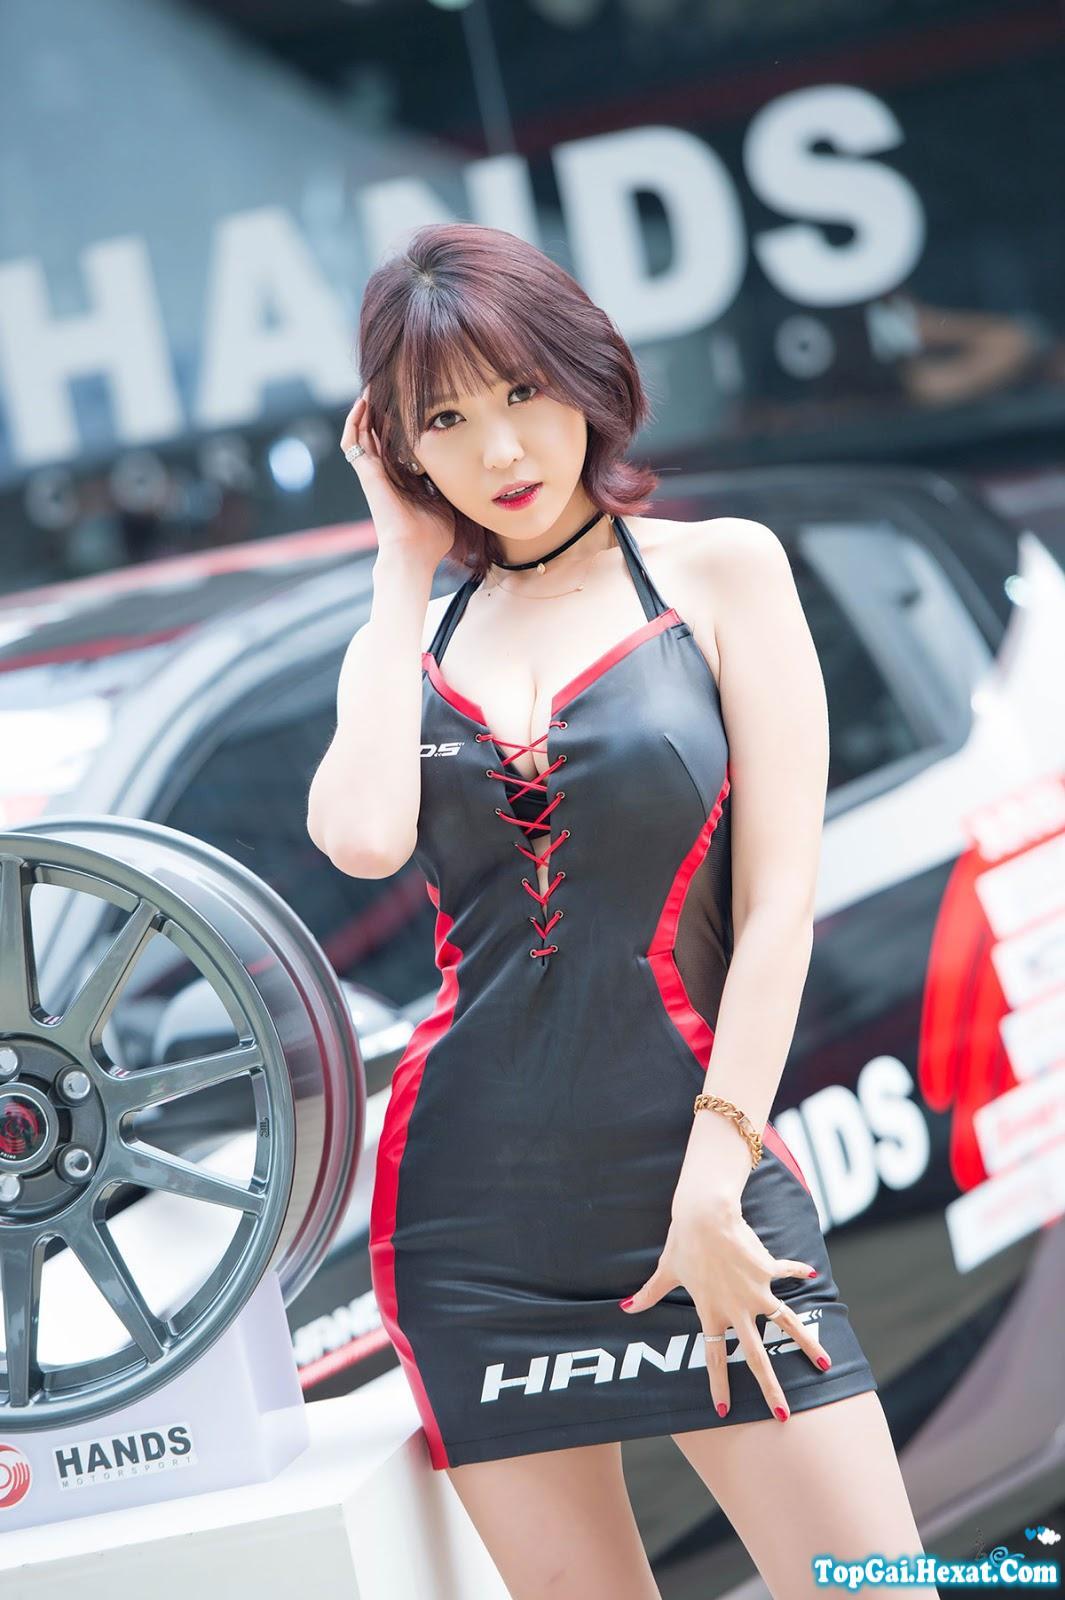 Chân dài Hàn Quốc Lee Eun Hye cực xinh đẹp nóng bỏng